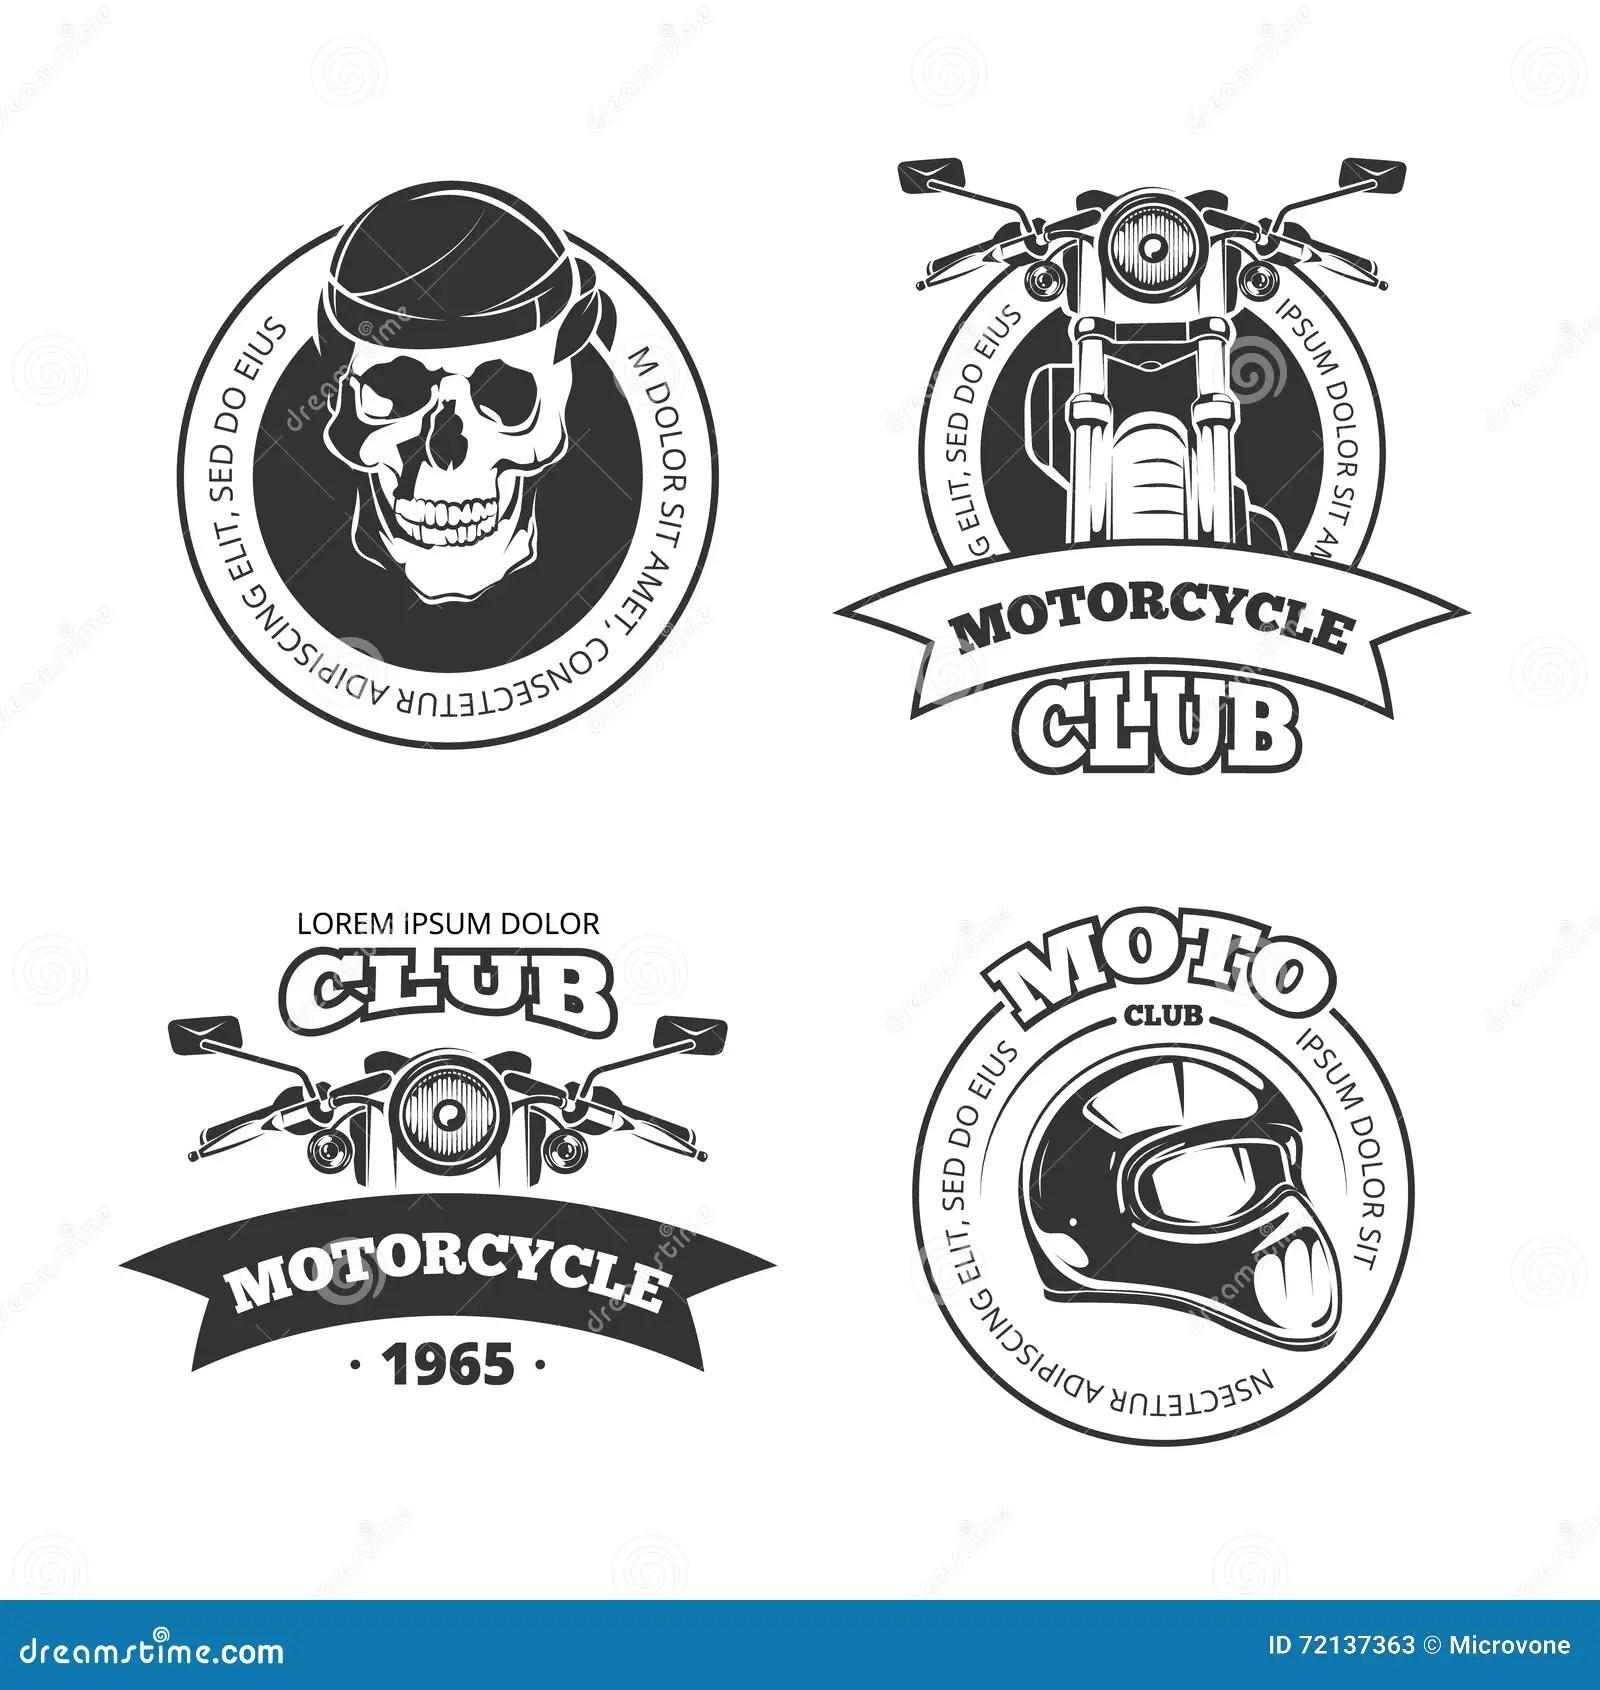 Vintage Vector Motorcycle Or Motorbike Club Emblems Stock